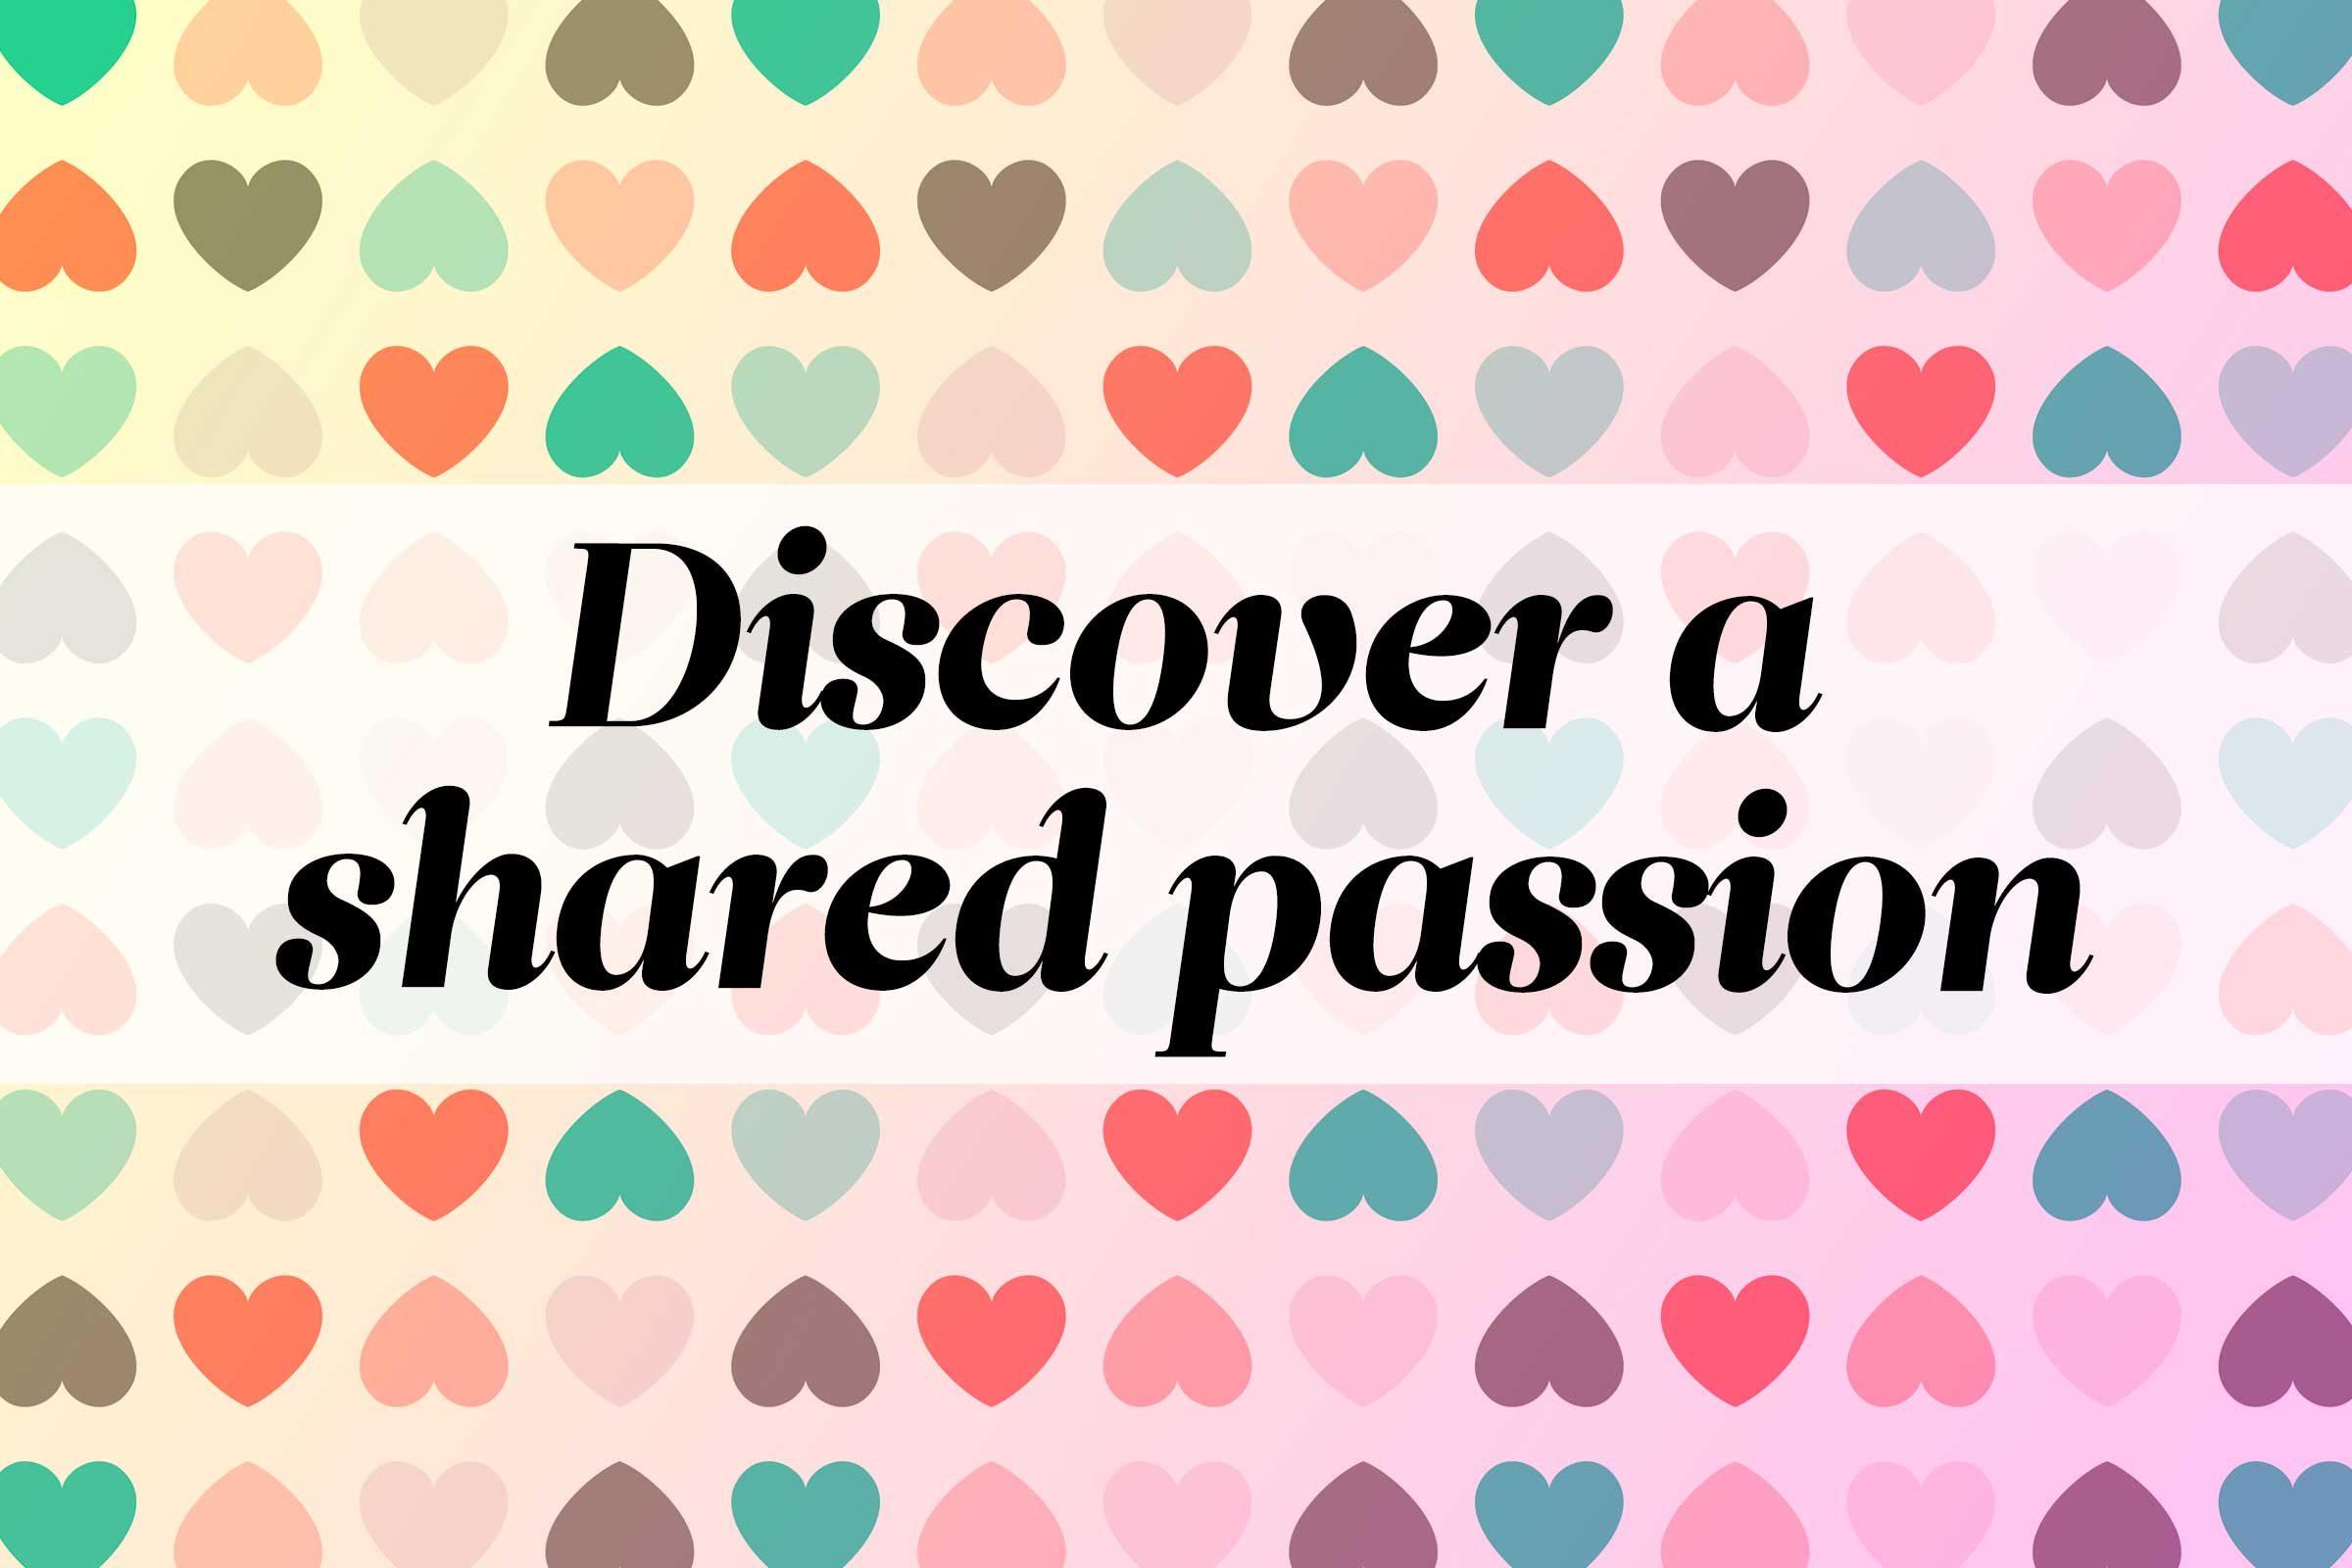 Share a hobby